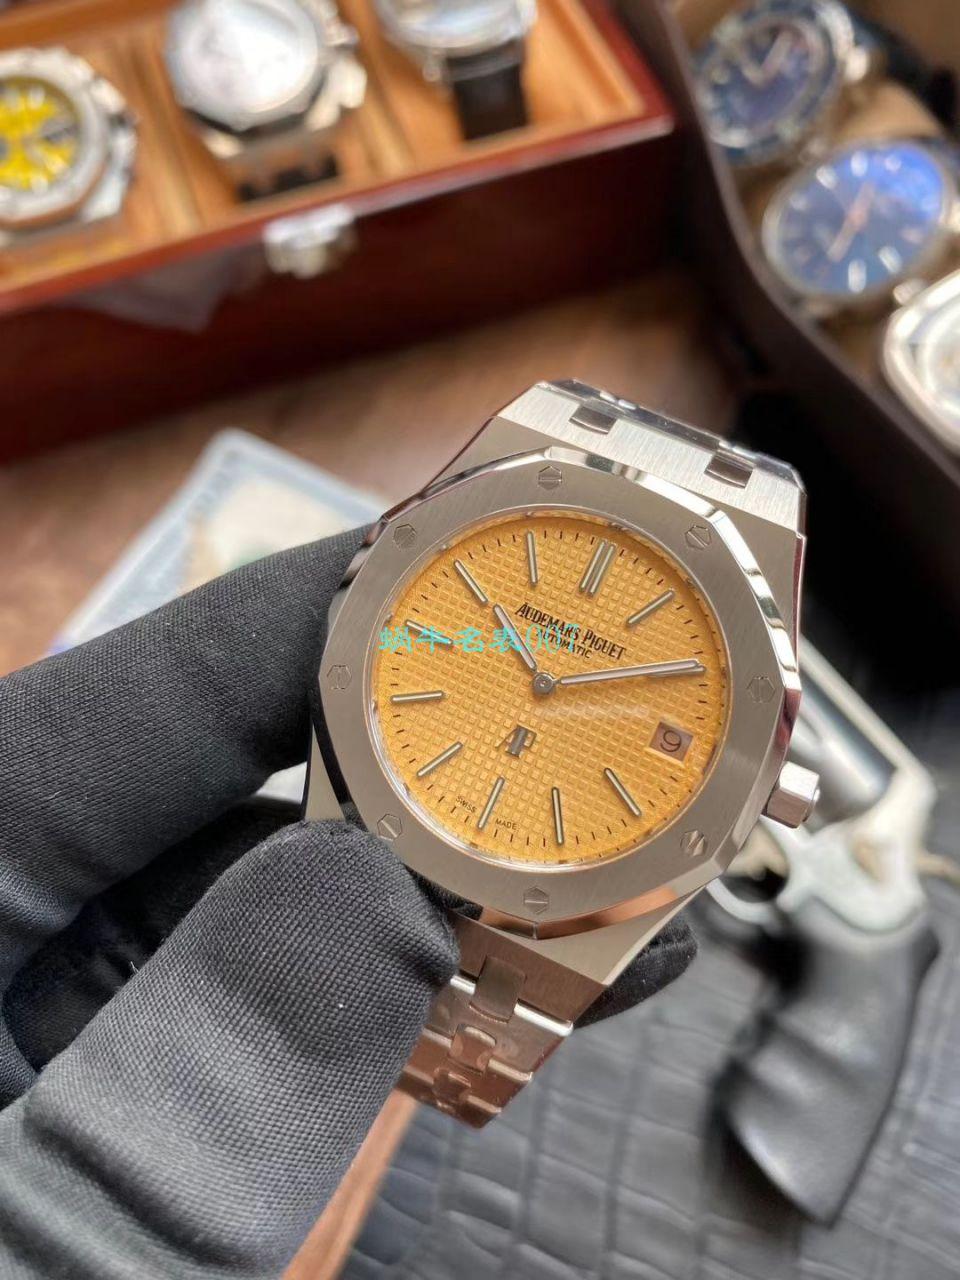 视频评测顶级复刻爱彼AP手表,爱彼复刻哪个厂做的最好 / AP207